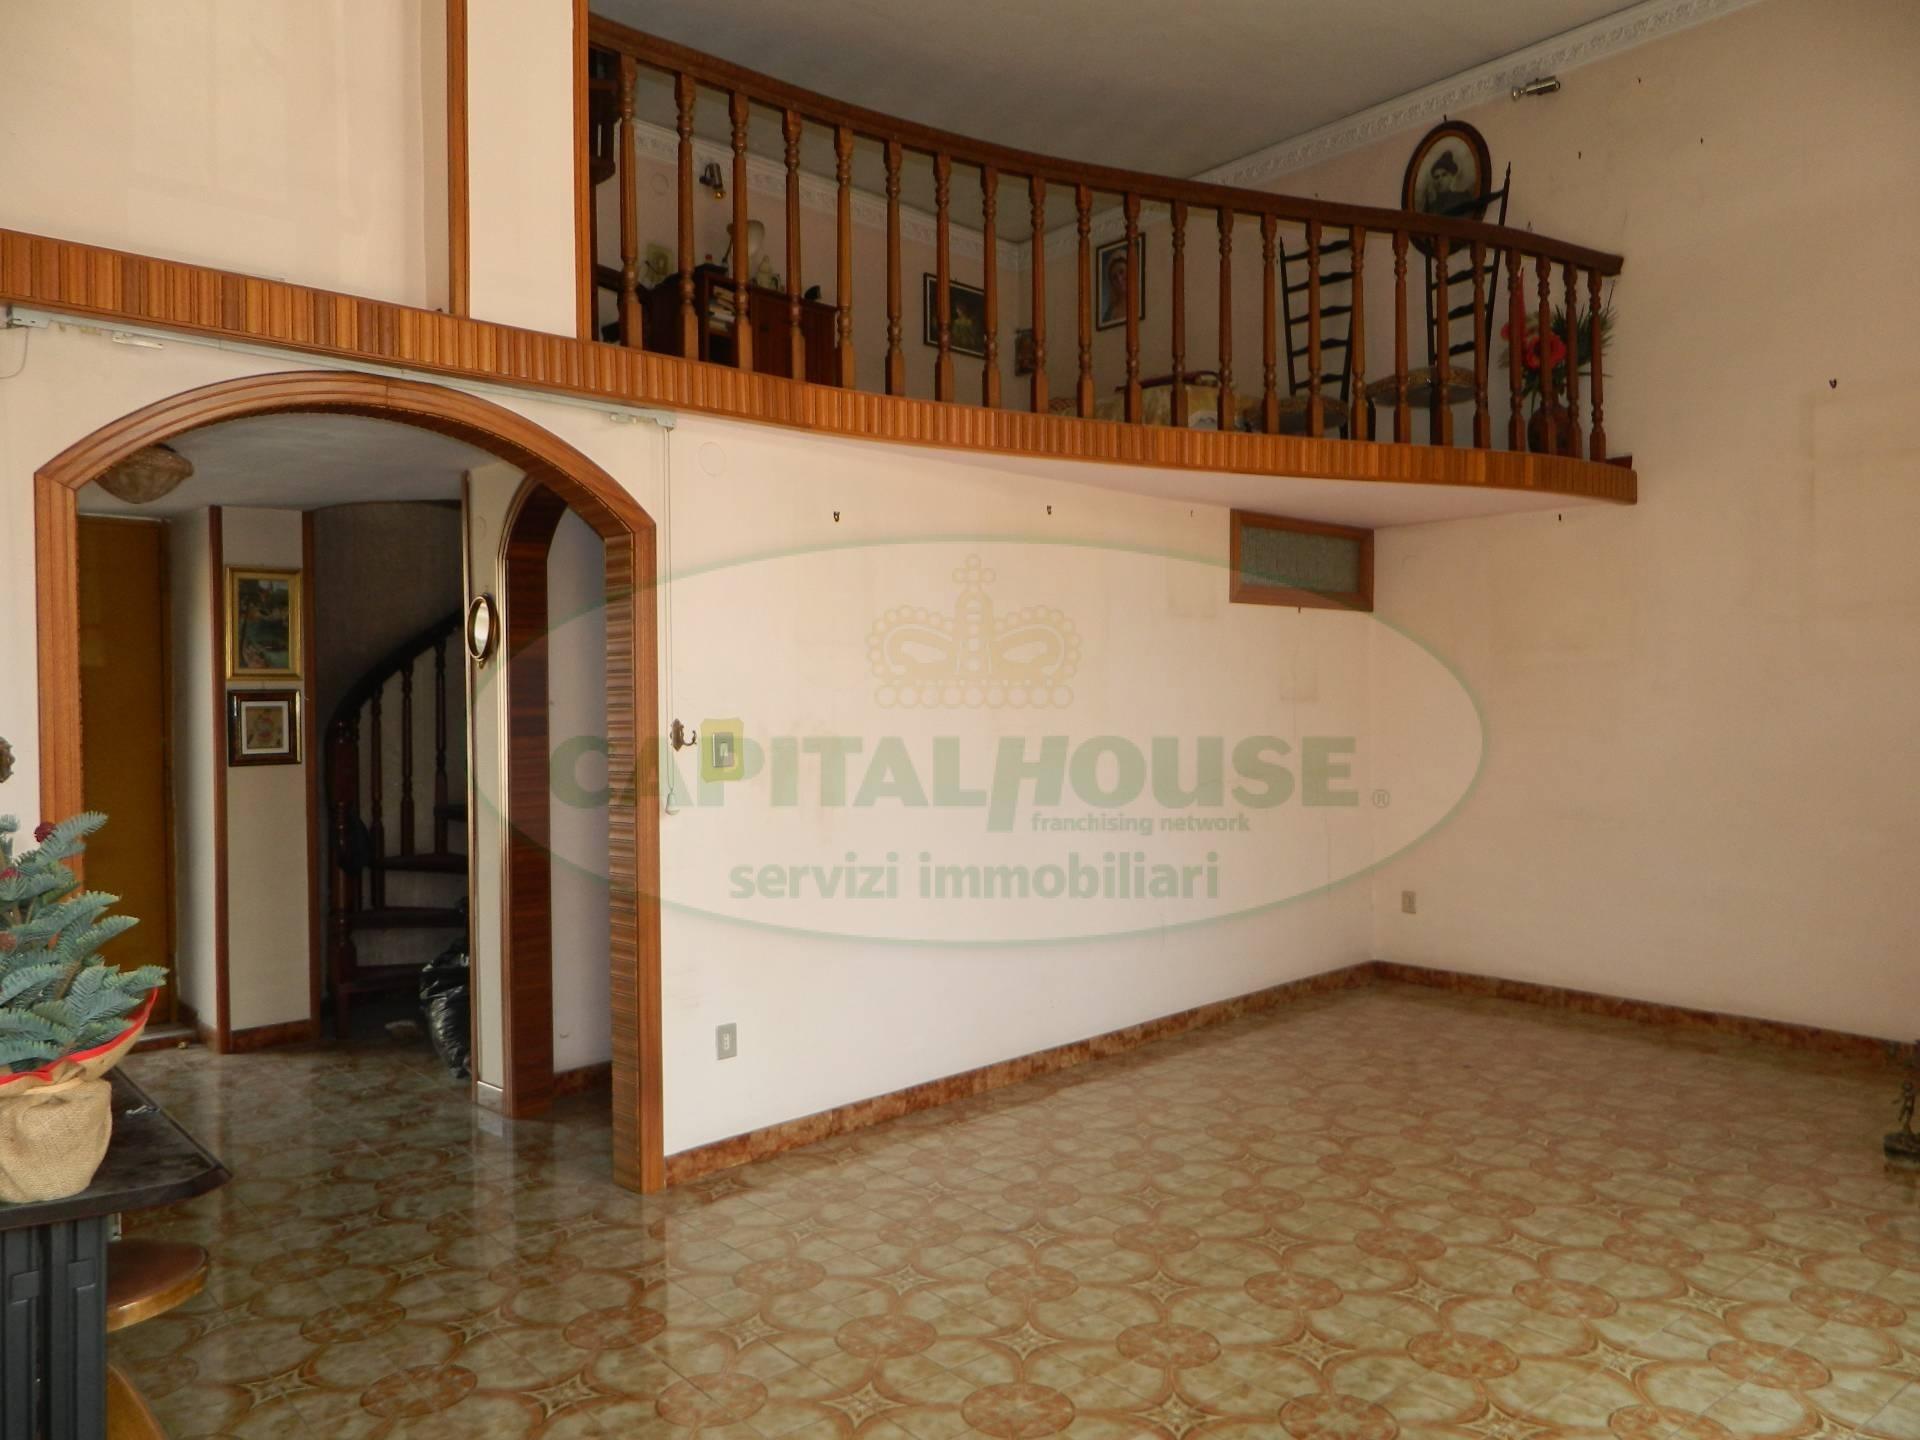 Soluzione Semindipendente in vendita a Afragola, 10 locali, zona Località: Centro, prezzo € 364.000 | CambioCasa.it